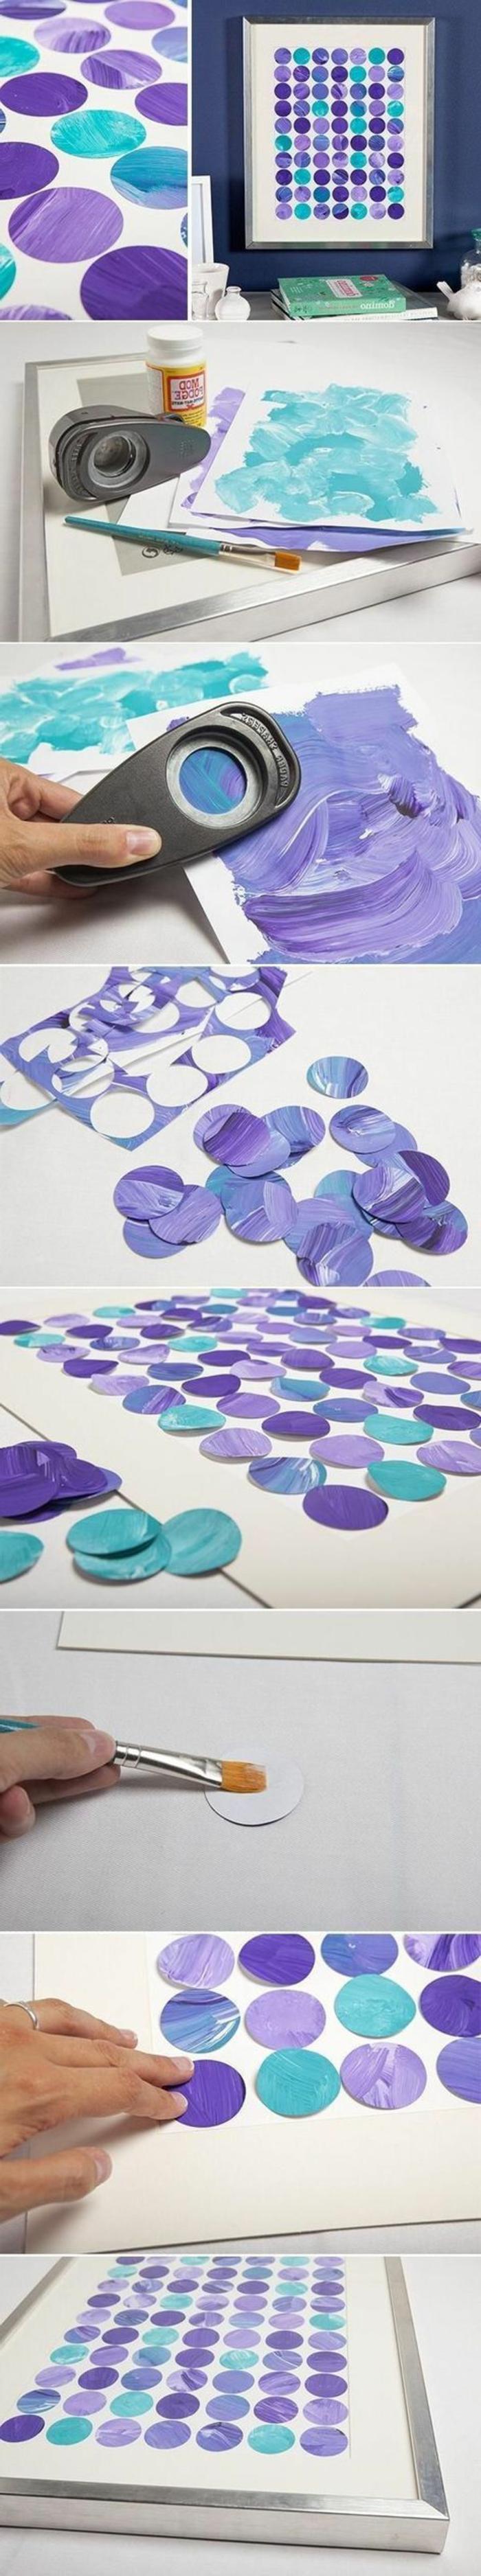 activité manuelle facile et rapide, faire un art mural avec papier et peintures aquarelles, diy cadre photo avec peinture enfant